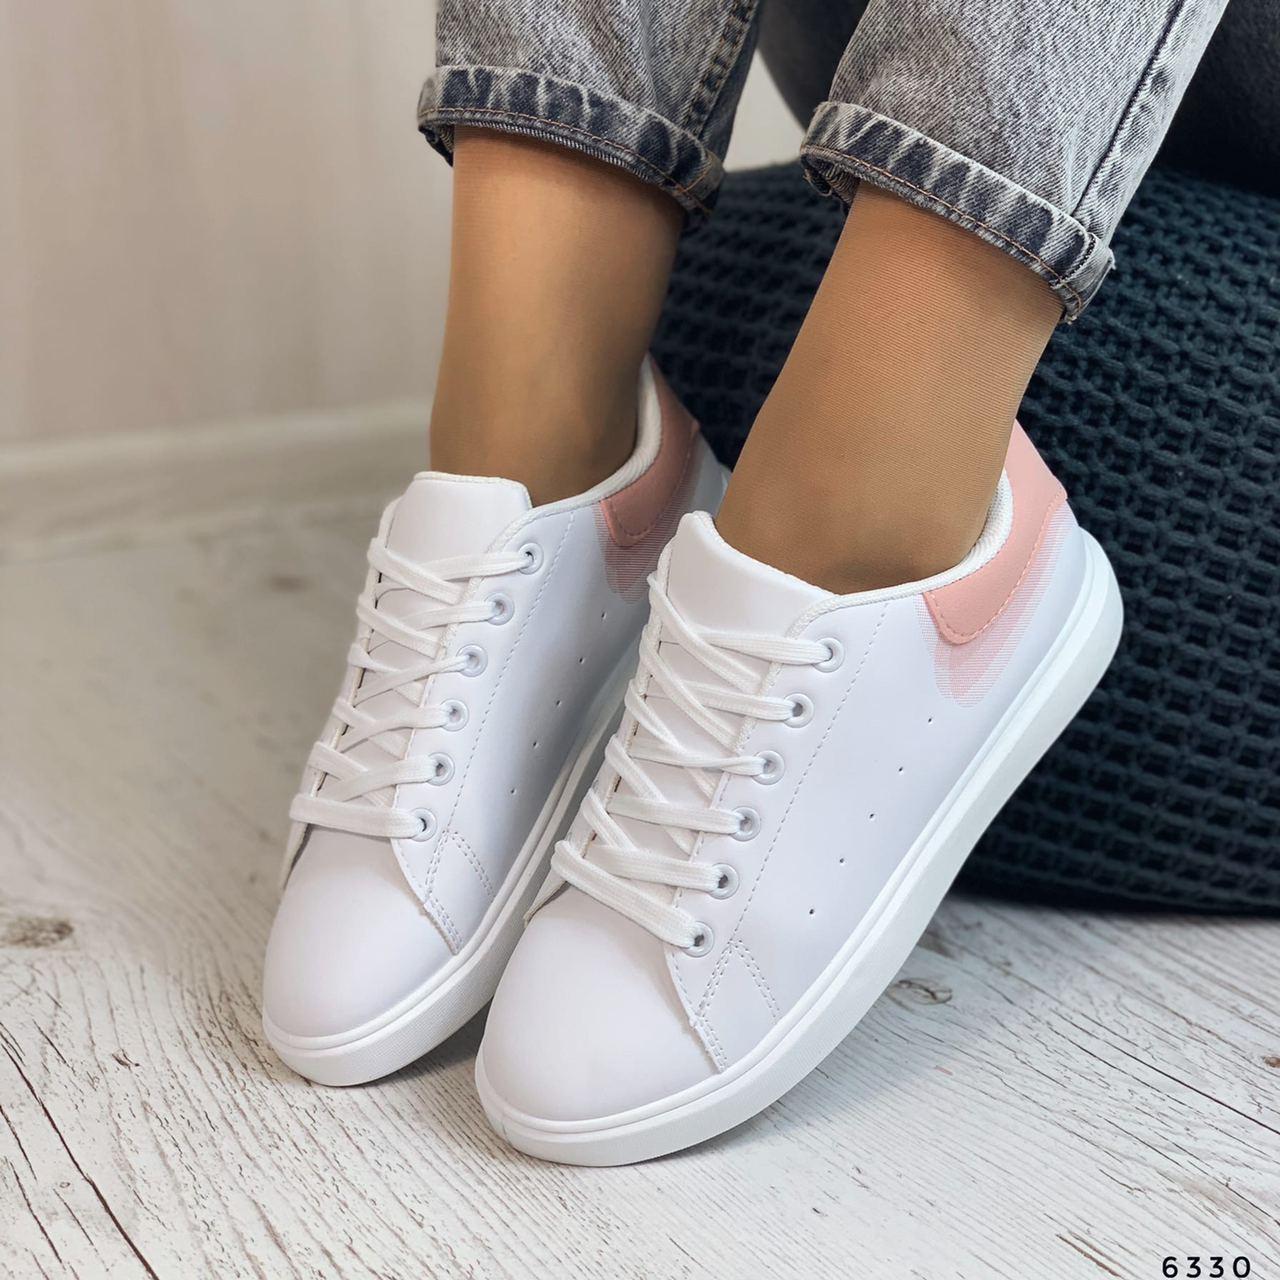 Кросівки жіночі білі з еко шкіри. Кросівки жіночі білі